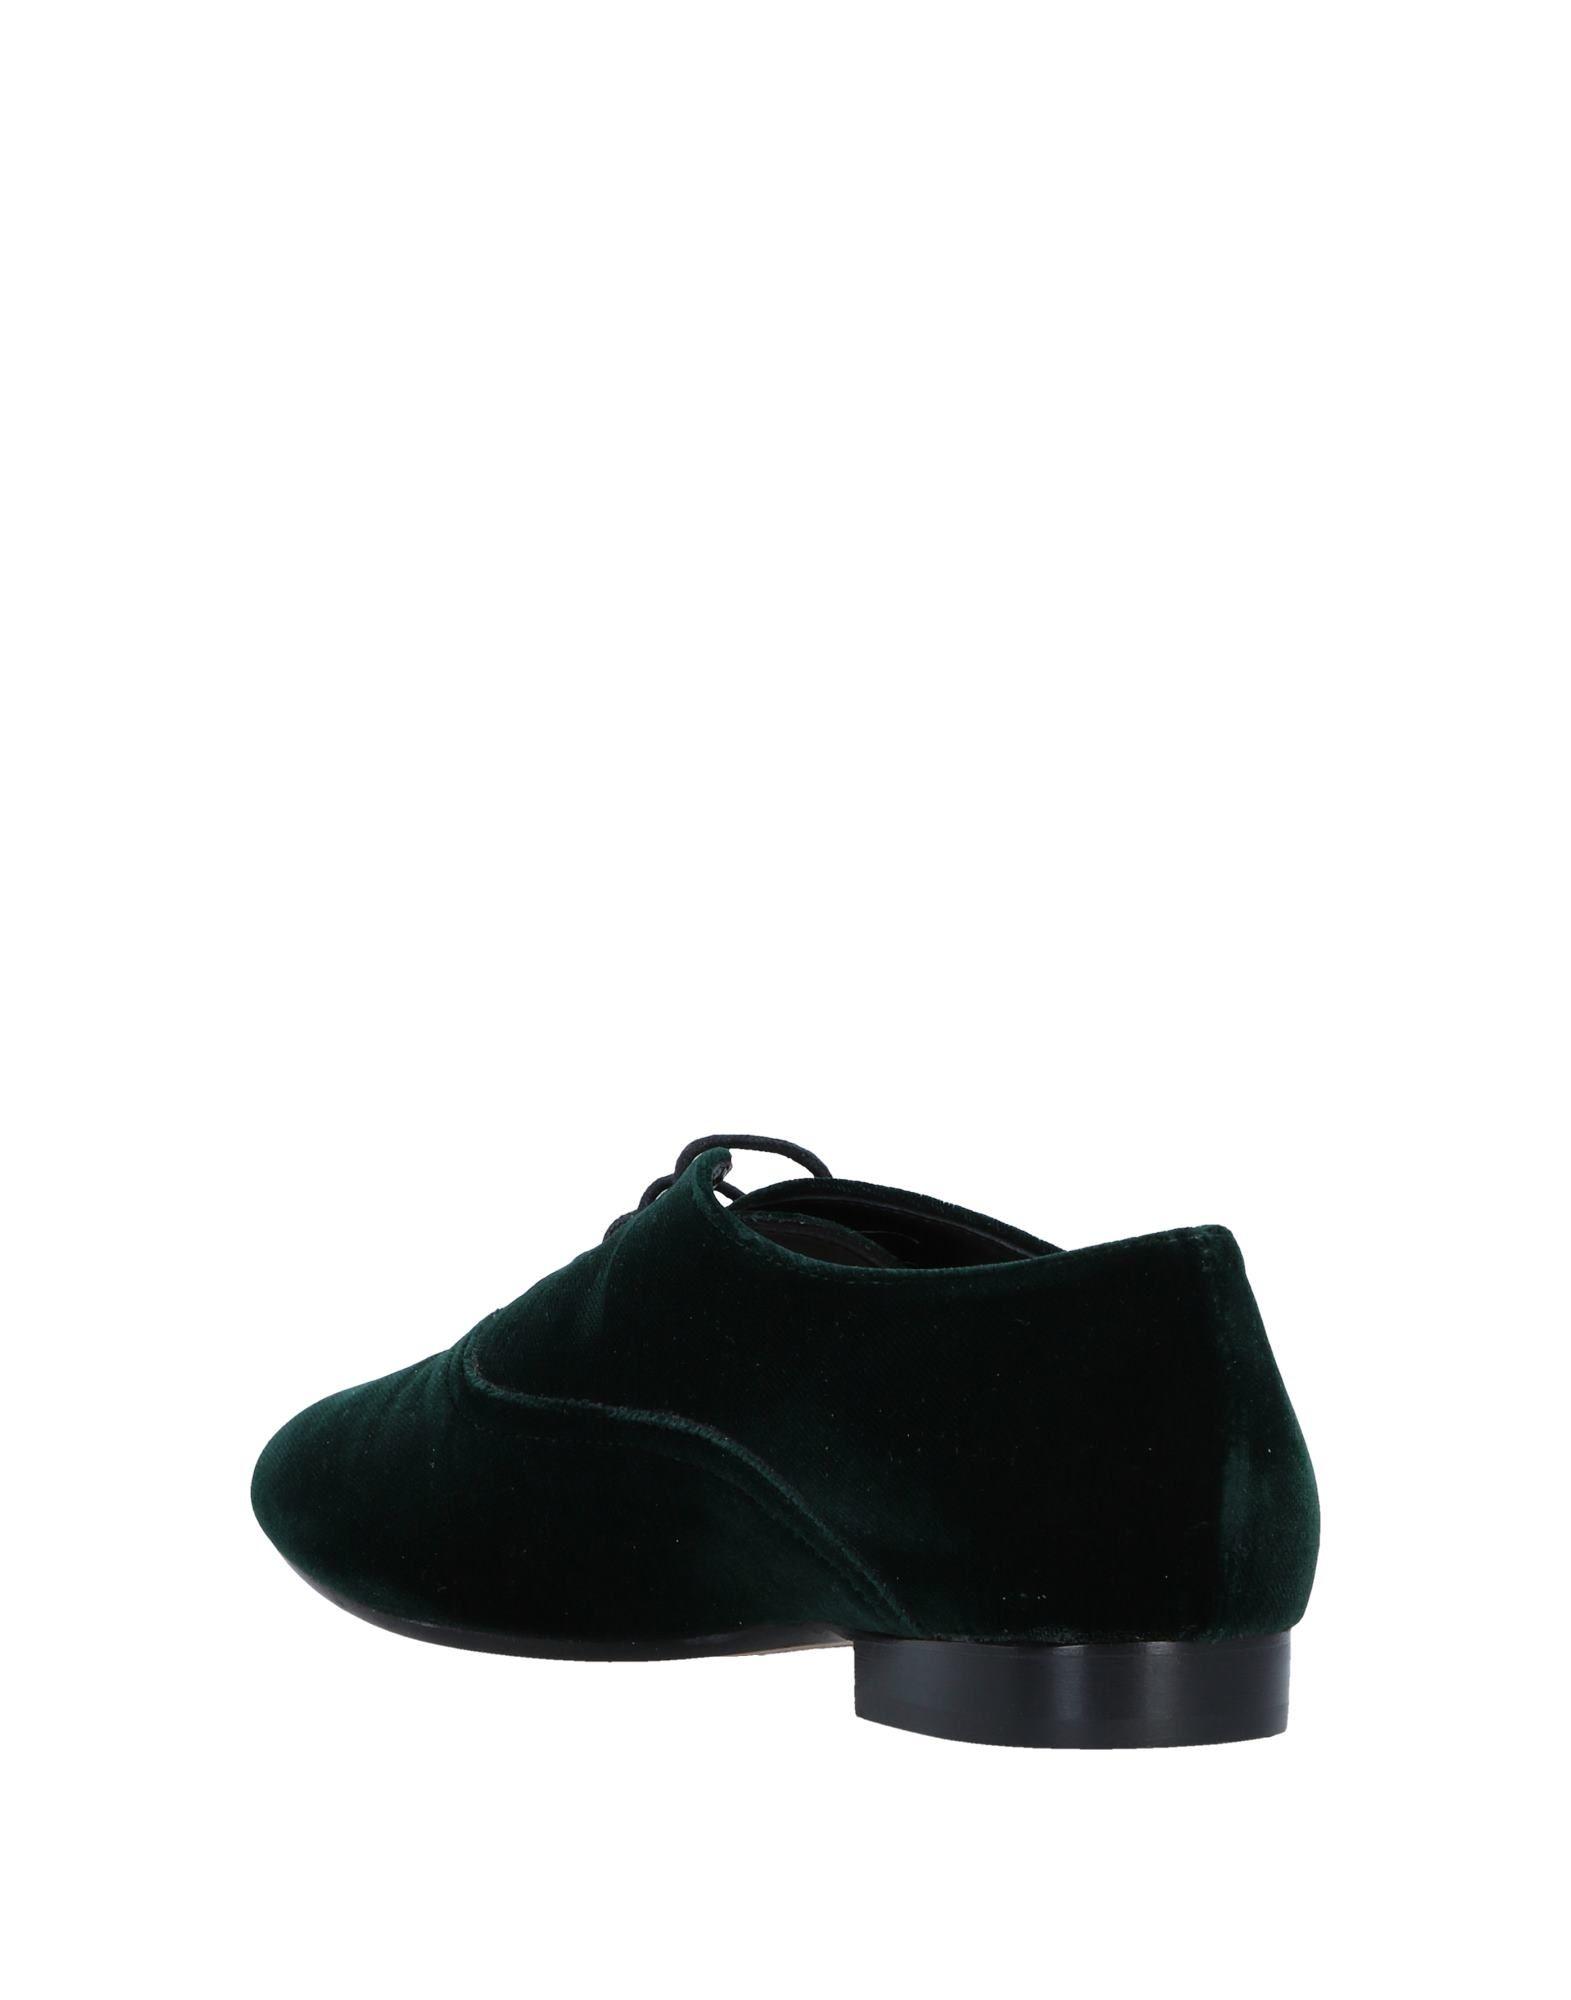 Fabio Rusconi Schnürschuhe Damen  11532440RG Gute Qualität beliebte Schuhe